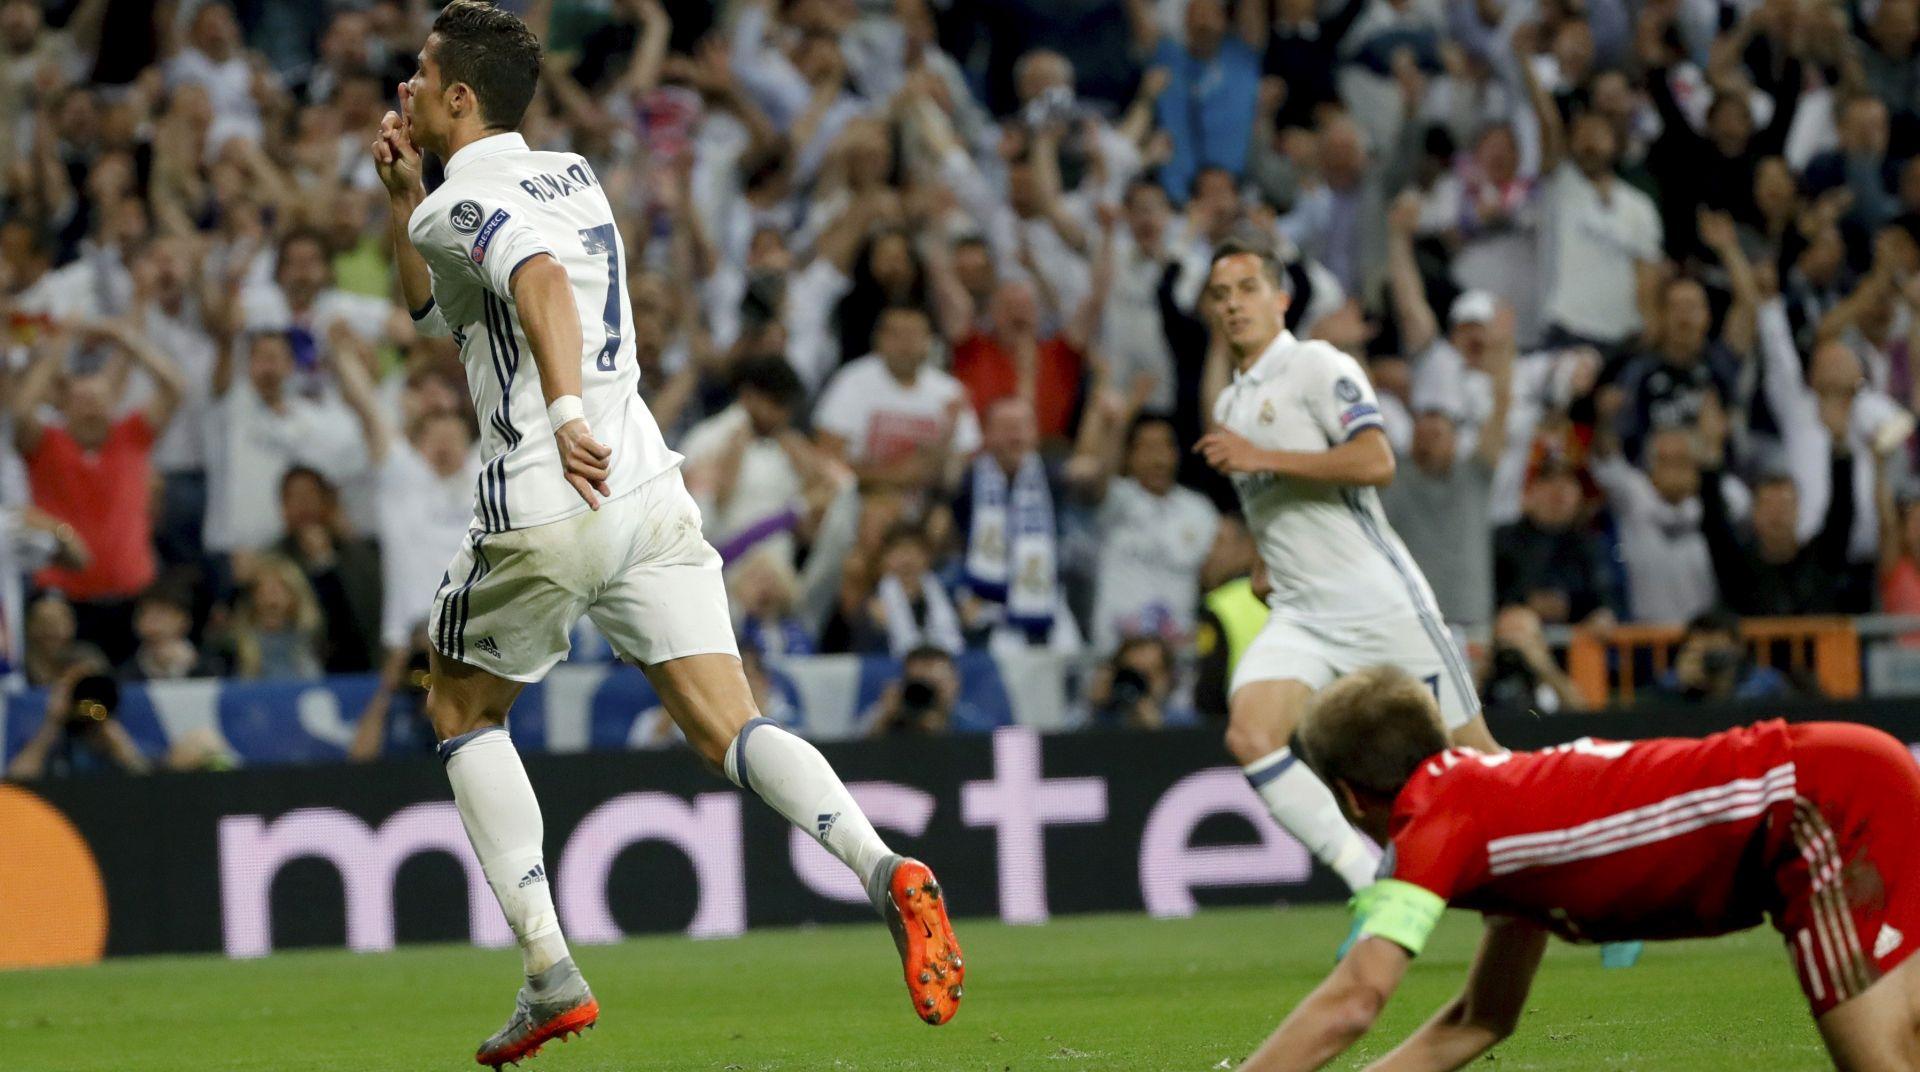 LIGA PRVAKA Cristiano Ronaldo i Kassai uništili Bayern